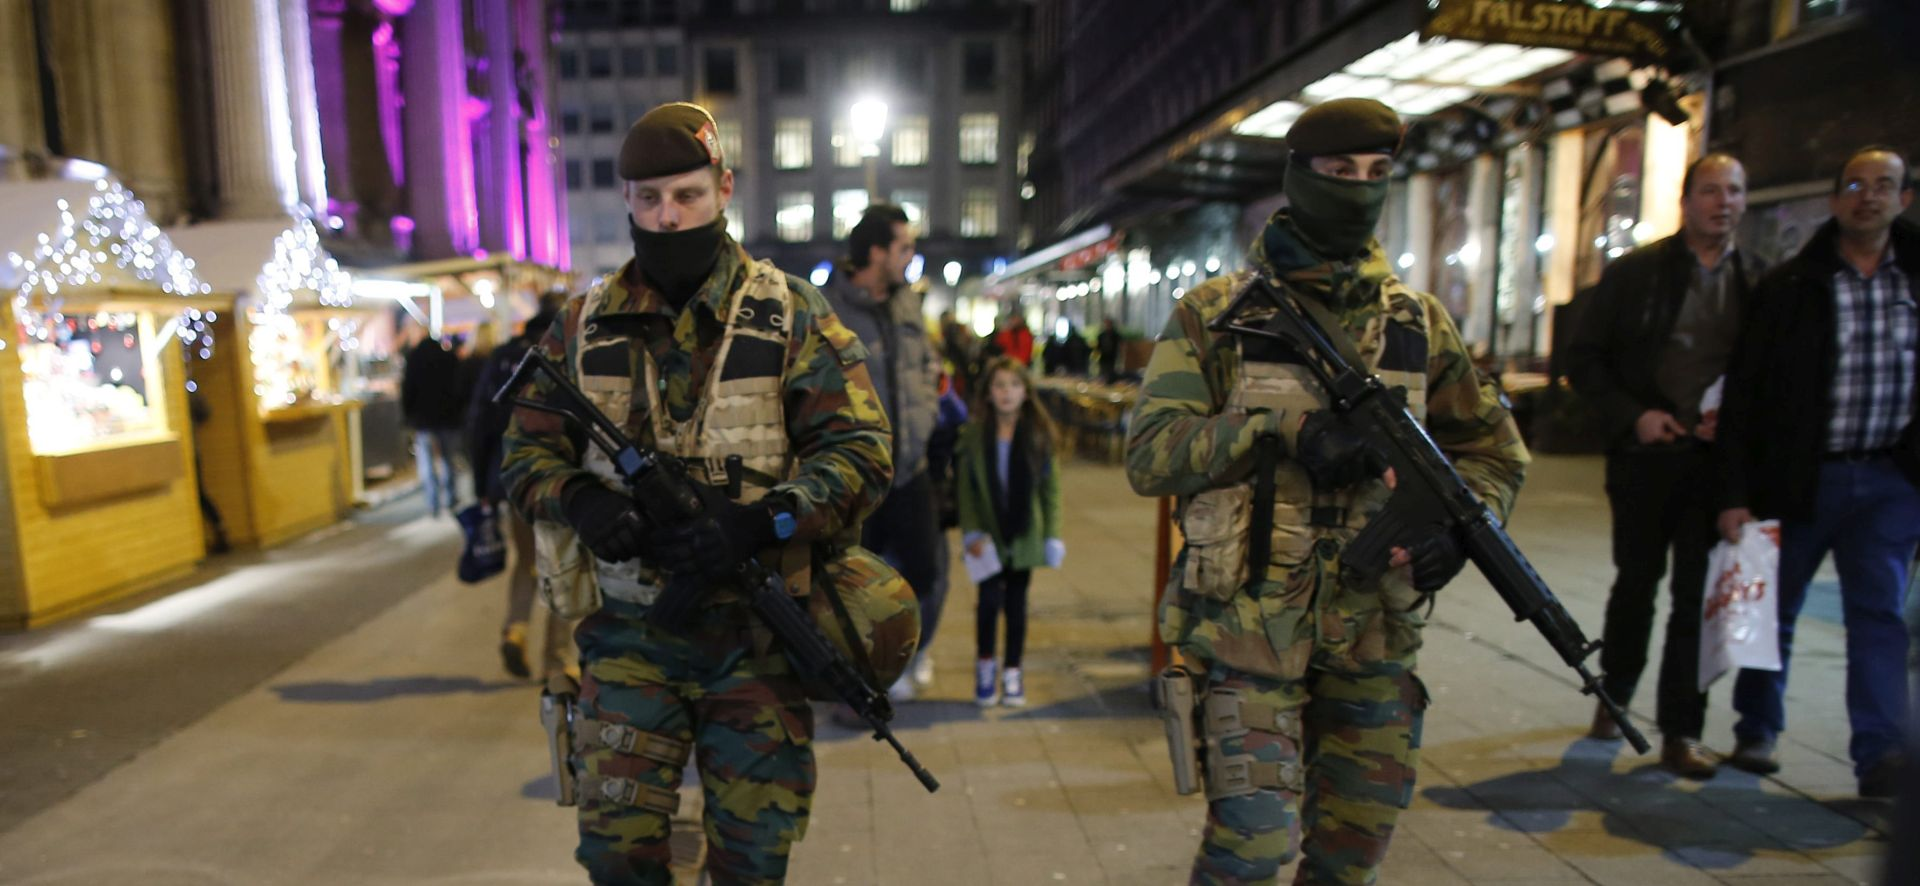 BELGIJA Uhićena dva muškarca, planirali napade u Bruxellesu na novogodišnju noć